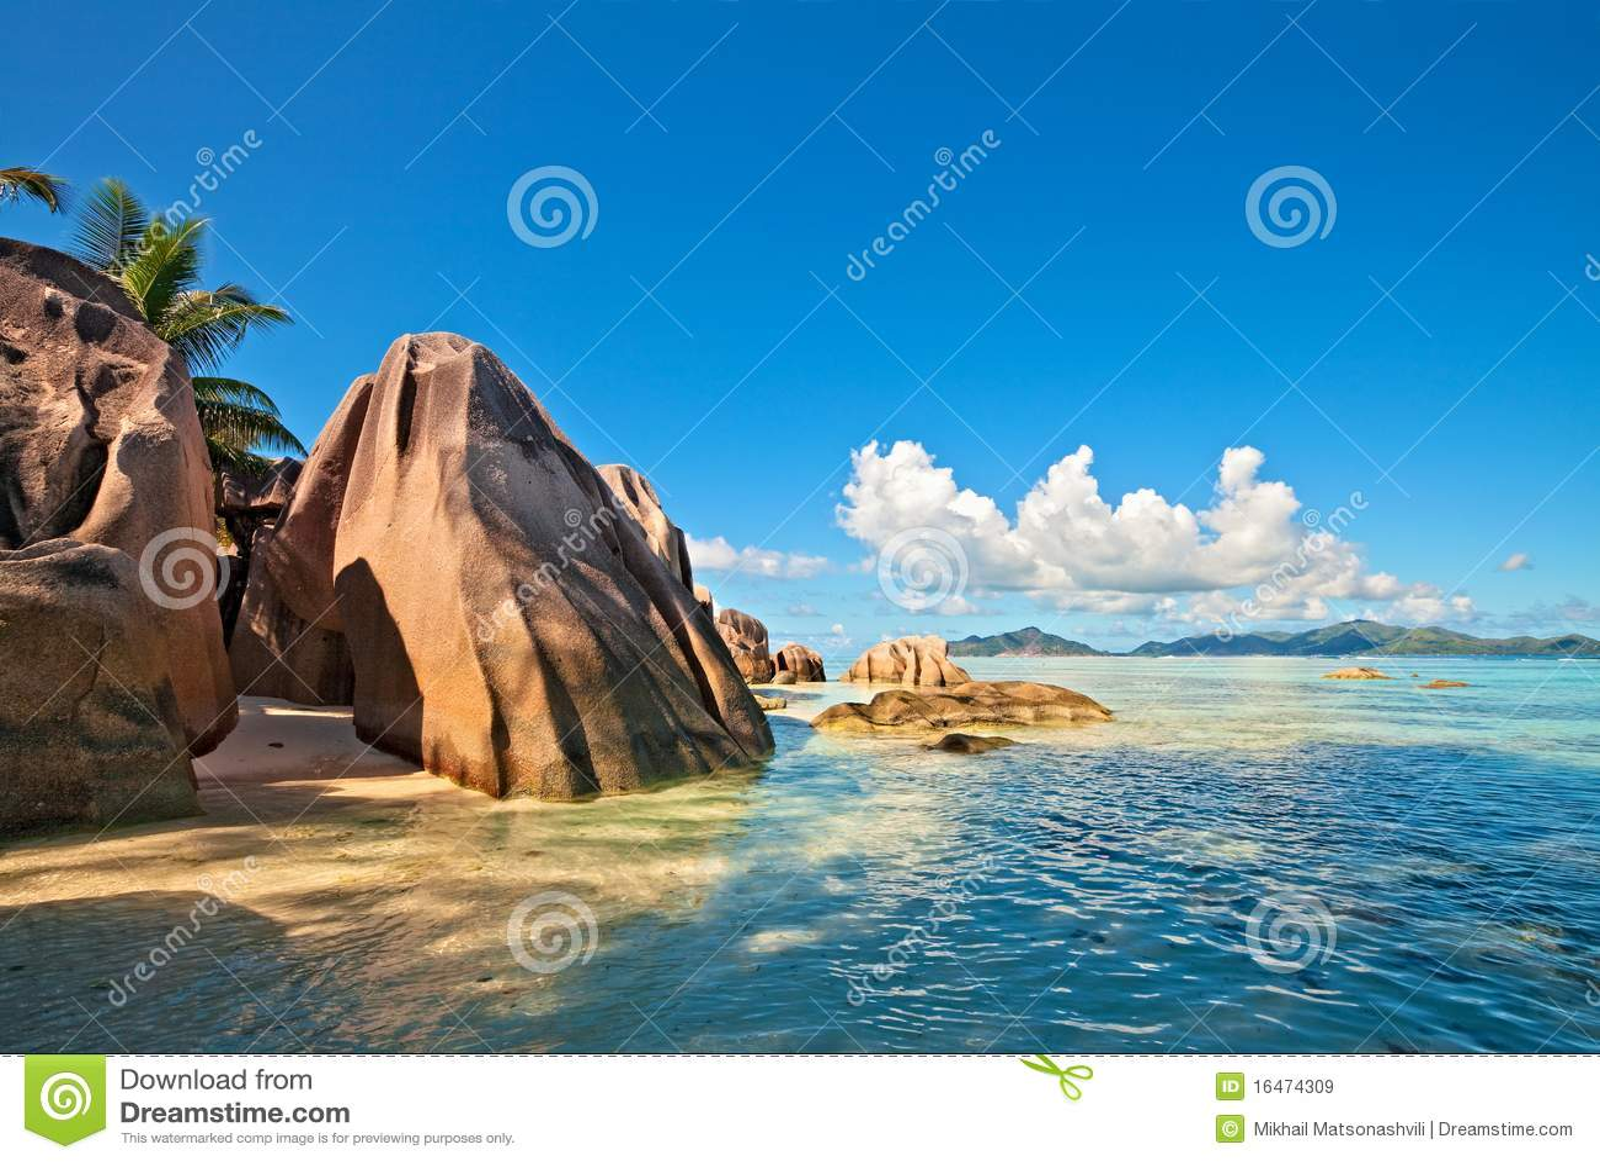 мечт взгляд seascape